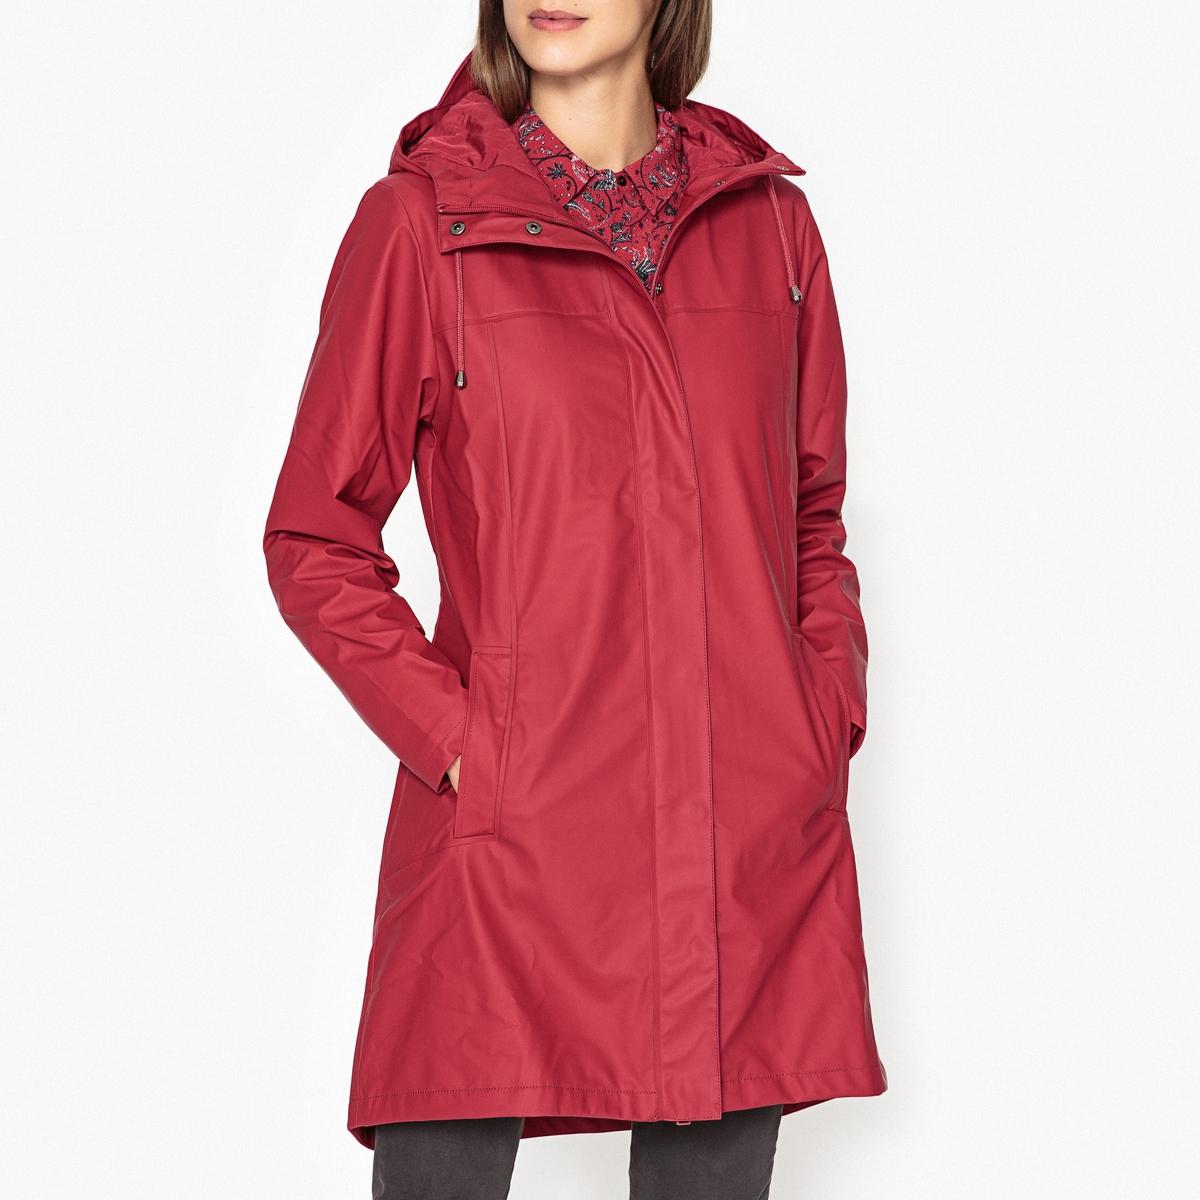 Куртка длинная с непромокаемым капюшоном SCARLETКуртка длинная с капюшоном RAINS - SCARLET : с внутр.подкладкой, из дышащей и непромокаемой ткани .Детали •  Длина : укороченная   •  Капюшон  •  Застежка на молнию •  С капюшоном Состав и уход •  50% полиэстера, 50% полиуретана •  Следуйте советам по уходу, указанным на этикетке •  Застежка на молнию, двойной ползунок •  Высокий воротник с завязками  •  Манжеты на кнопках • Боковые и внутр.карманы •  Плиссировка с каждой стороны сзади •  Длина ок. 89 см. для размера S<br><br>Цвет: красный